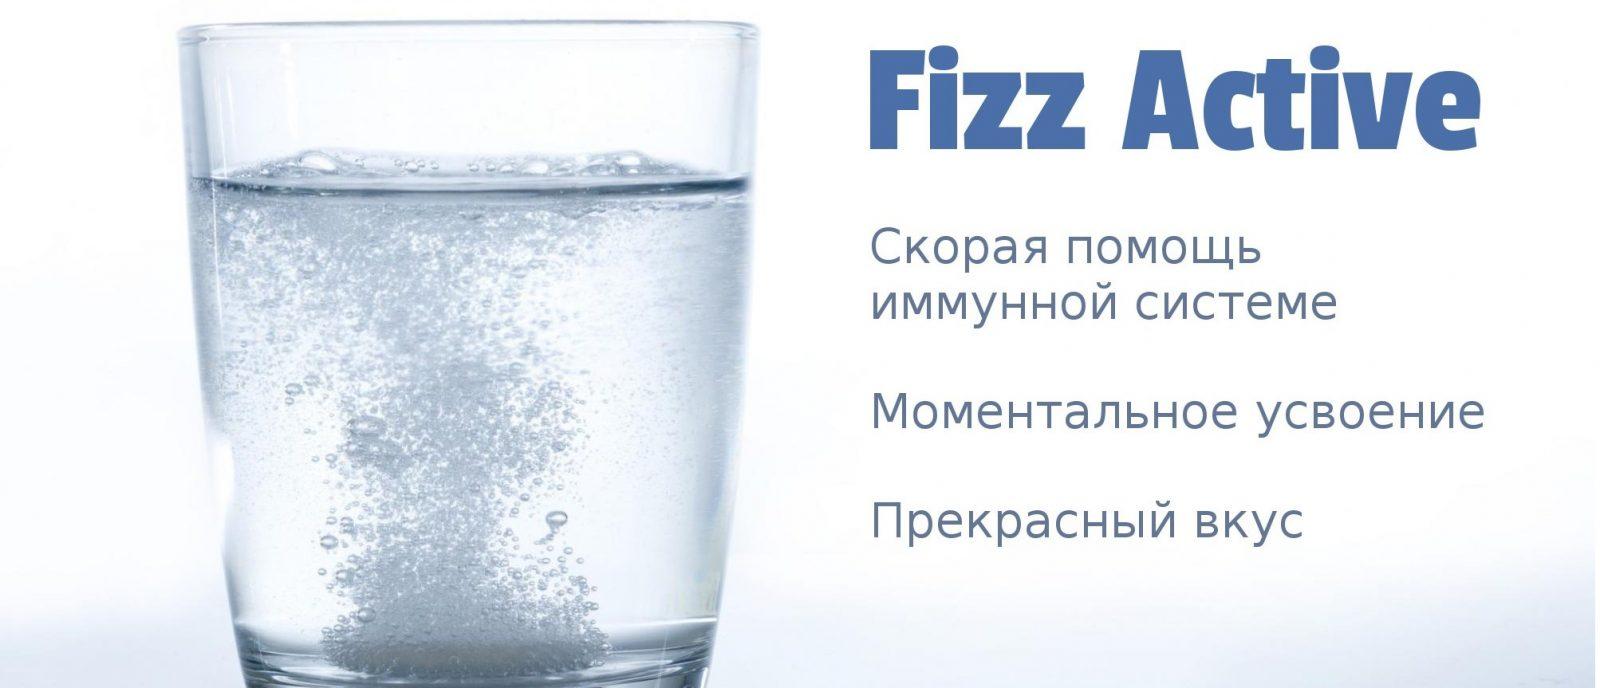 3044 62 - Fizz Active — Физ Актив